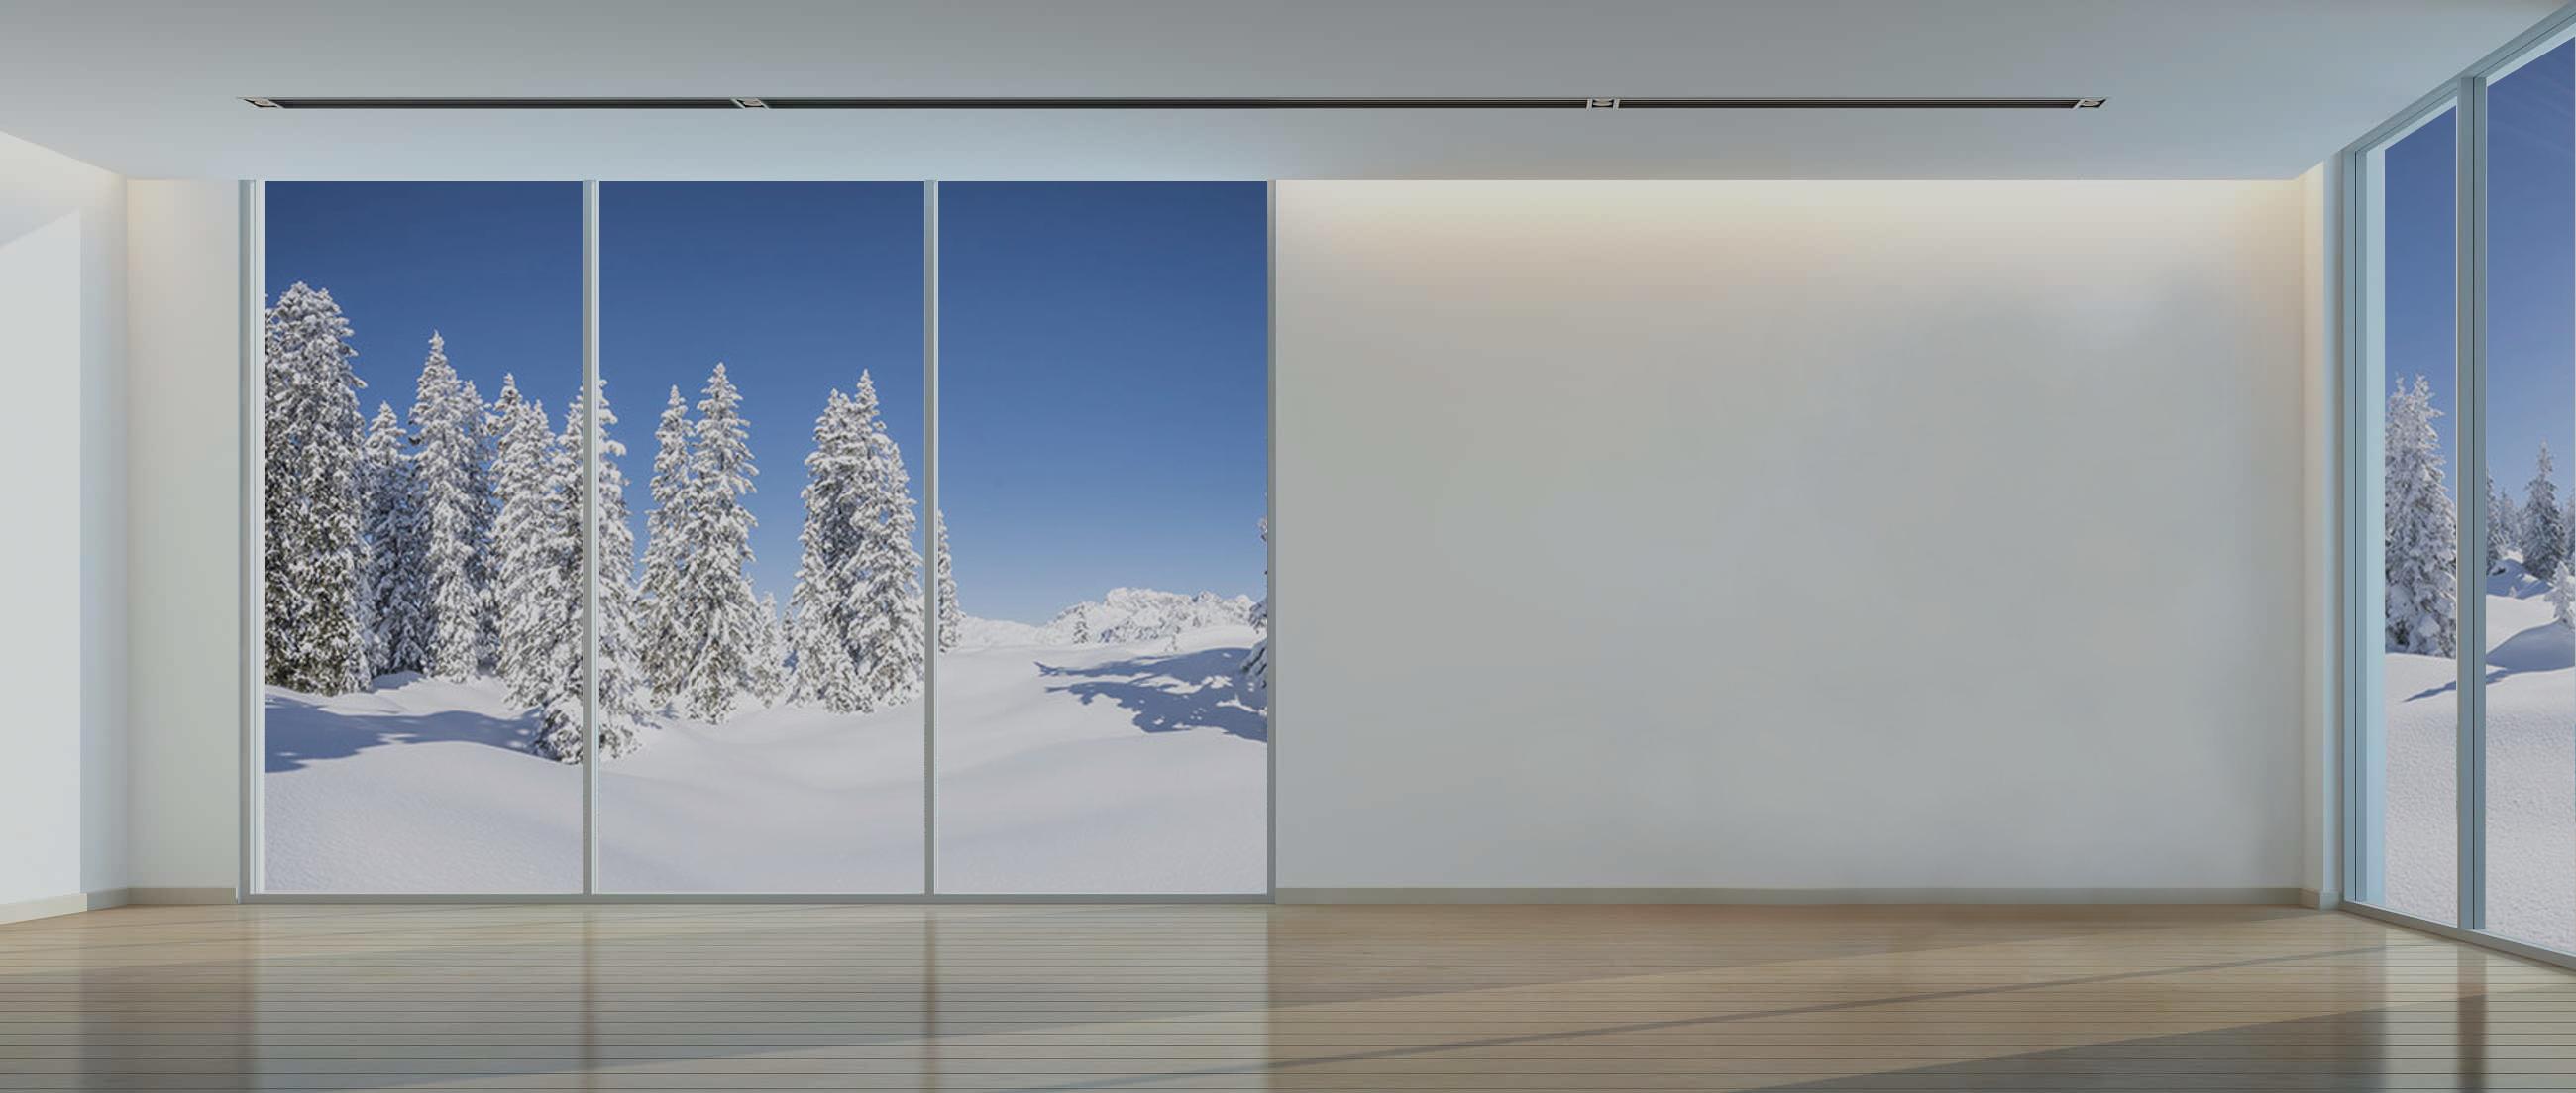 Fond paysage de Noël - Sapin et châssis